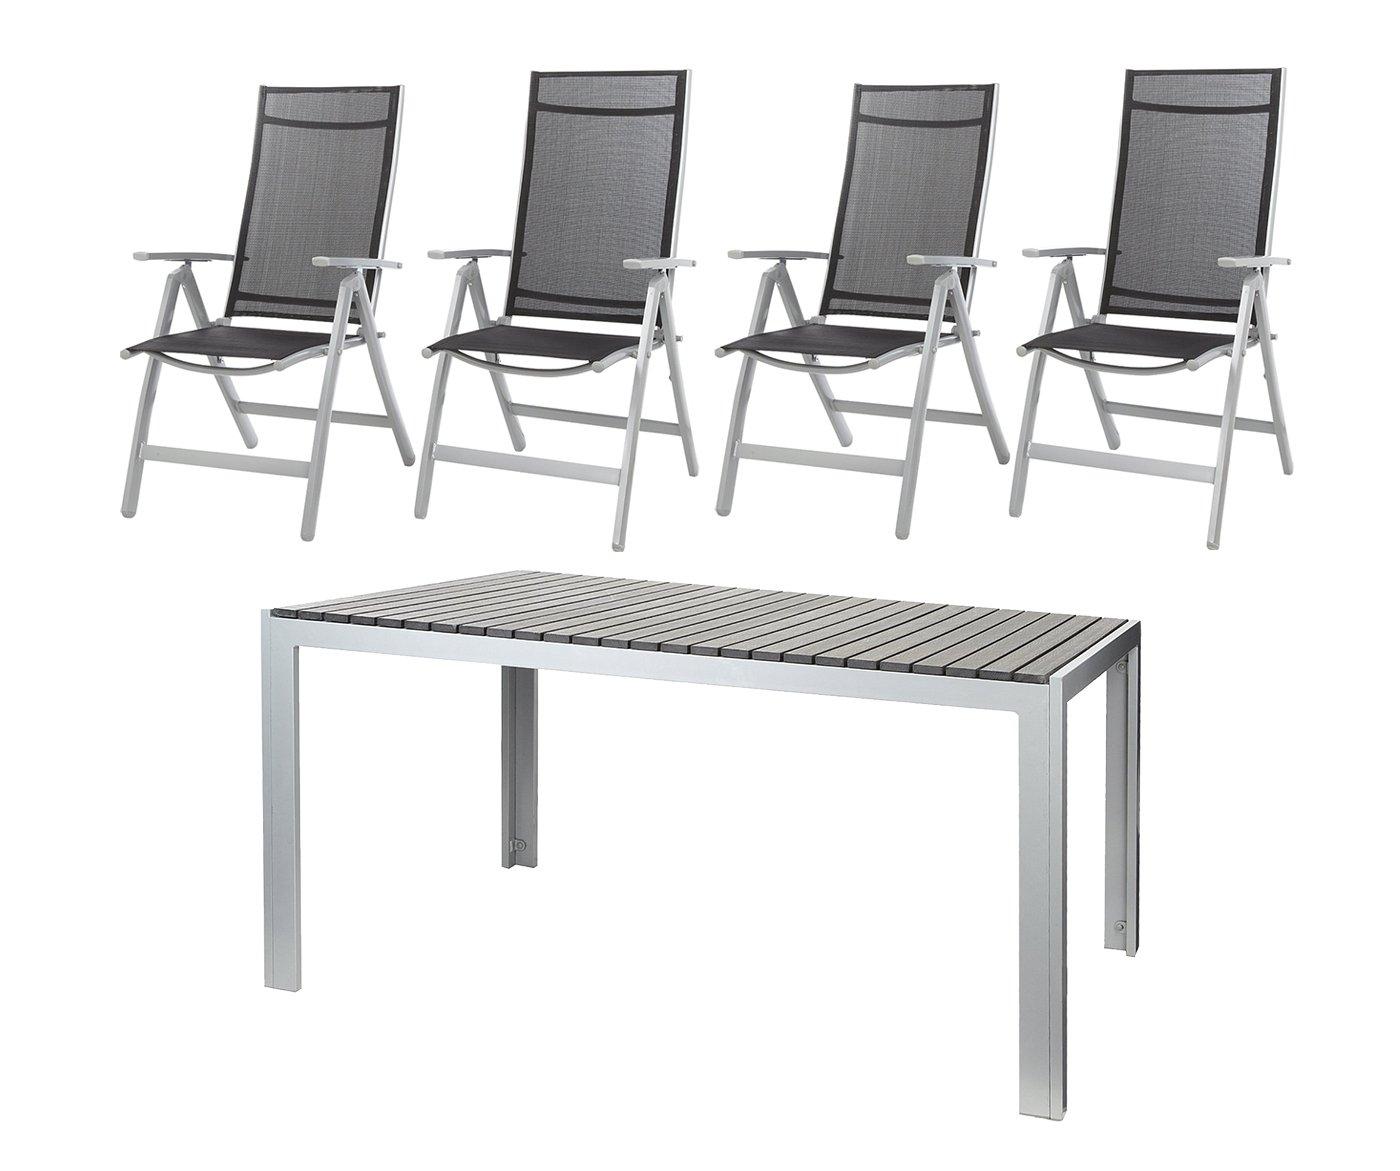 Möbelgarnitur Aluminium Tisch 150 x 90 cm anthrazit, mit 4 Klappsesseln